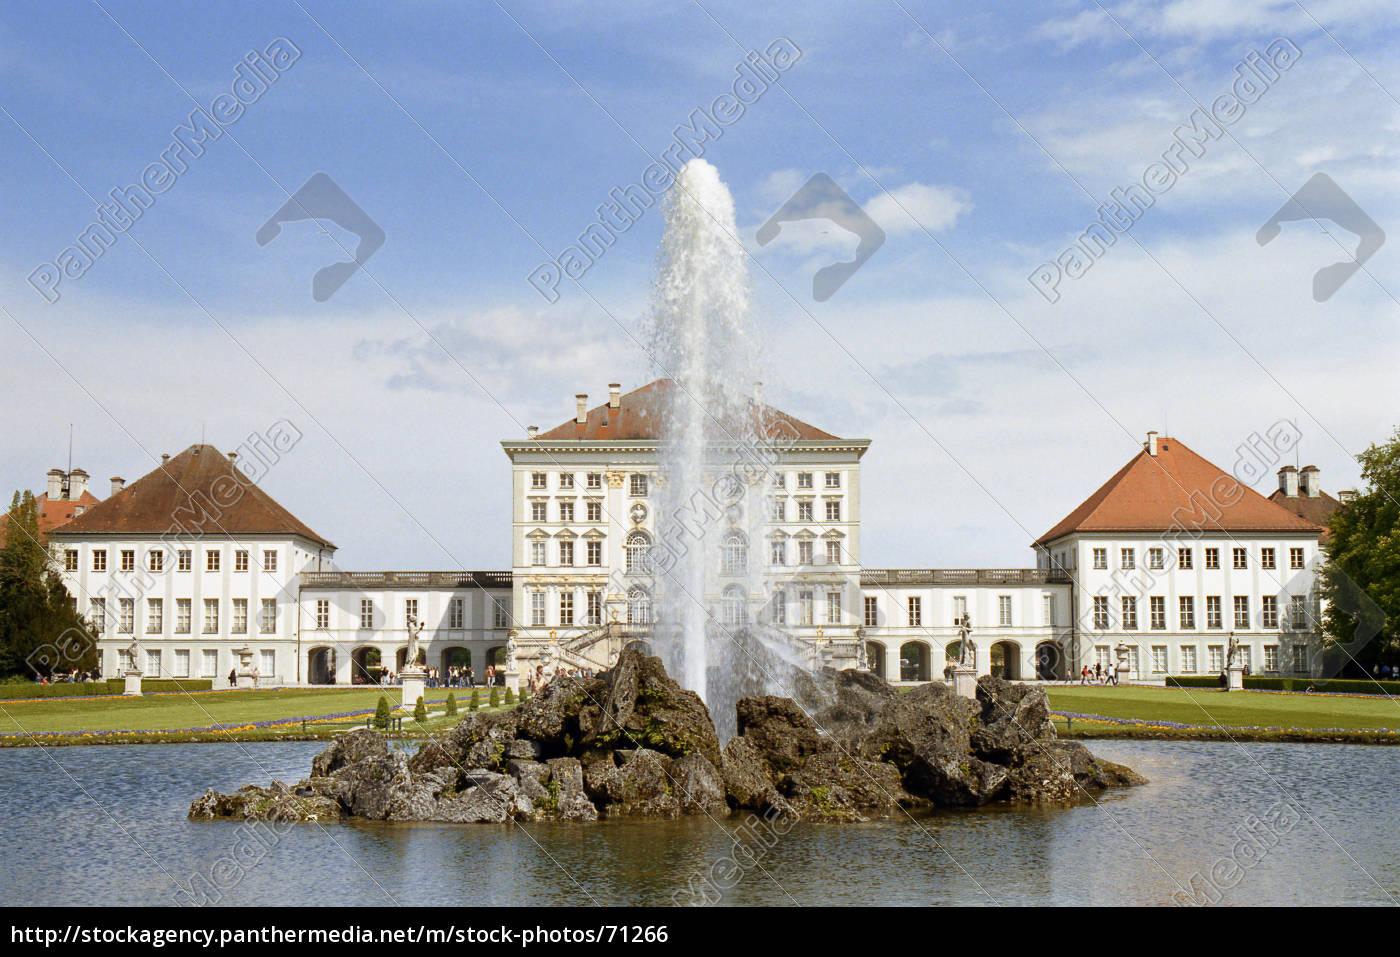 nymphenburg, castle - 71266